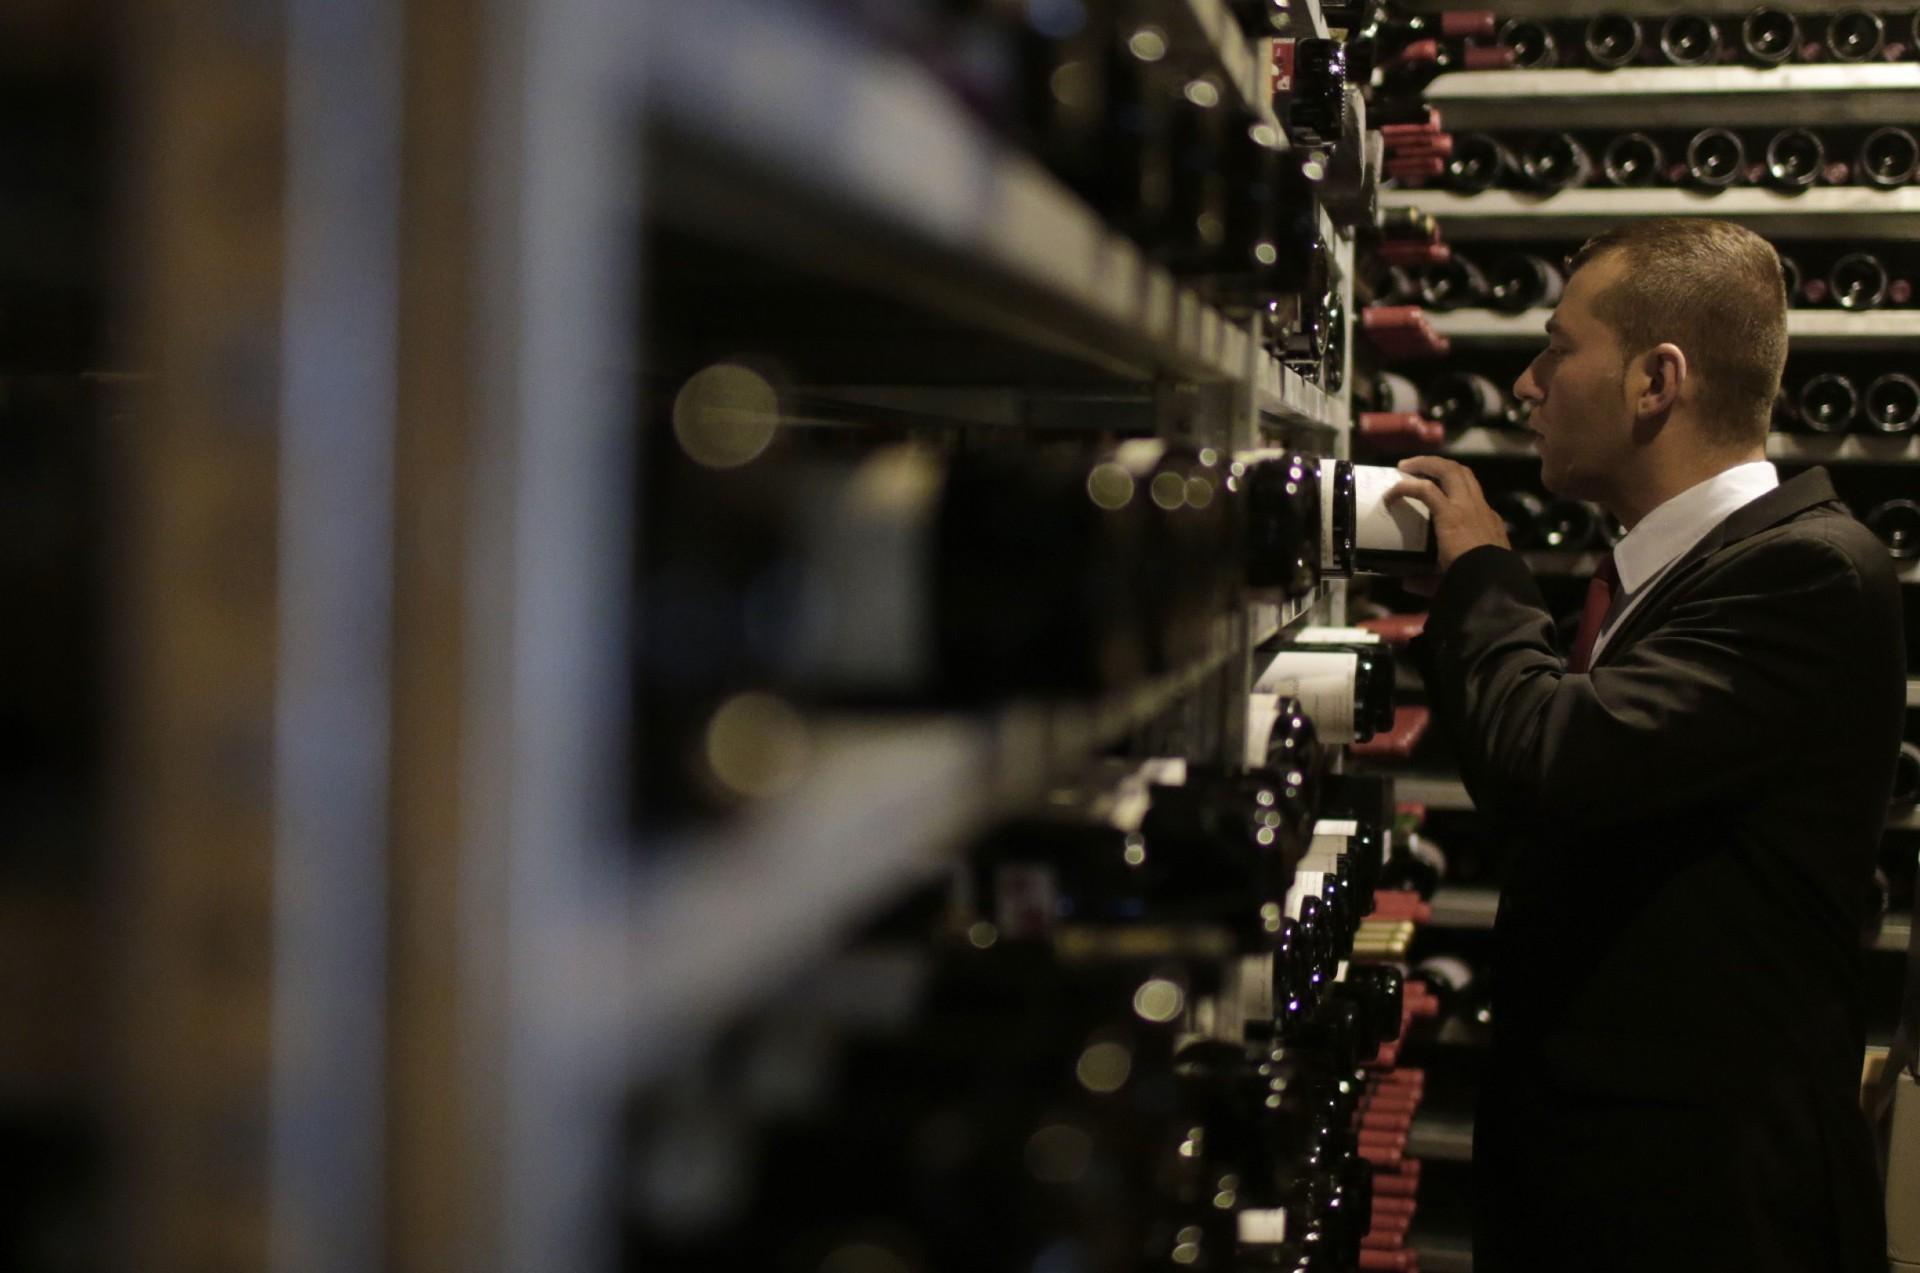 Een sommelier neemt een fles wijn uit de kelder van El Celler de can Roca in Verona